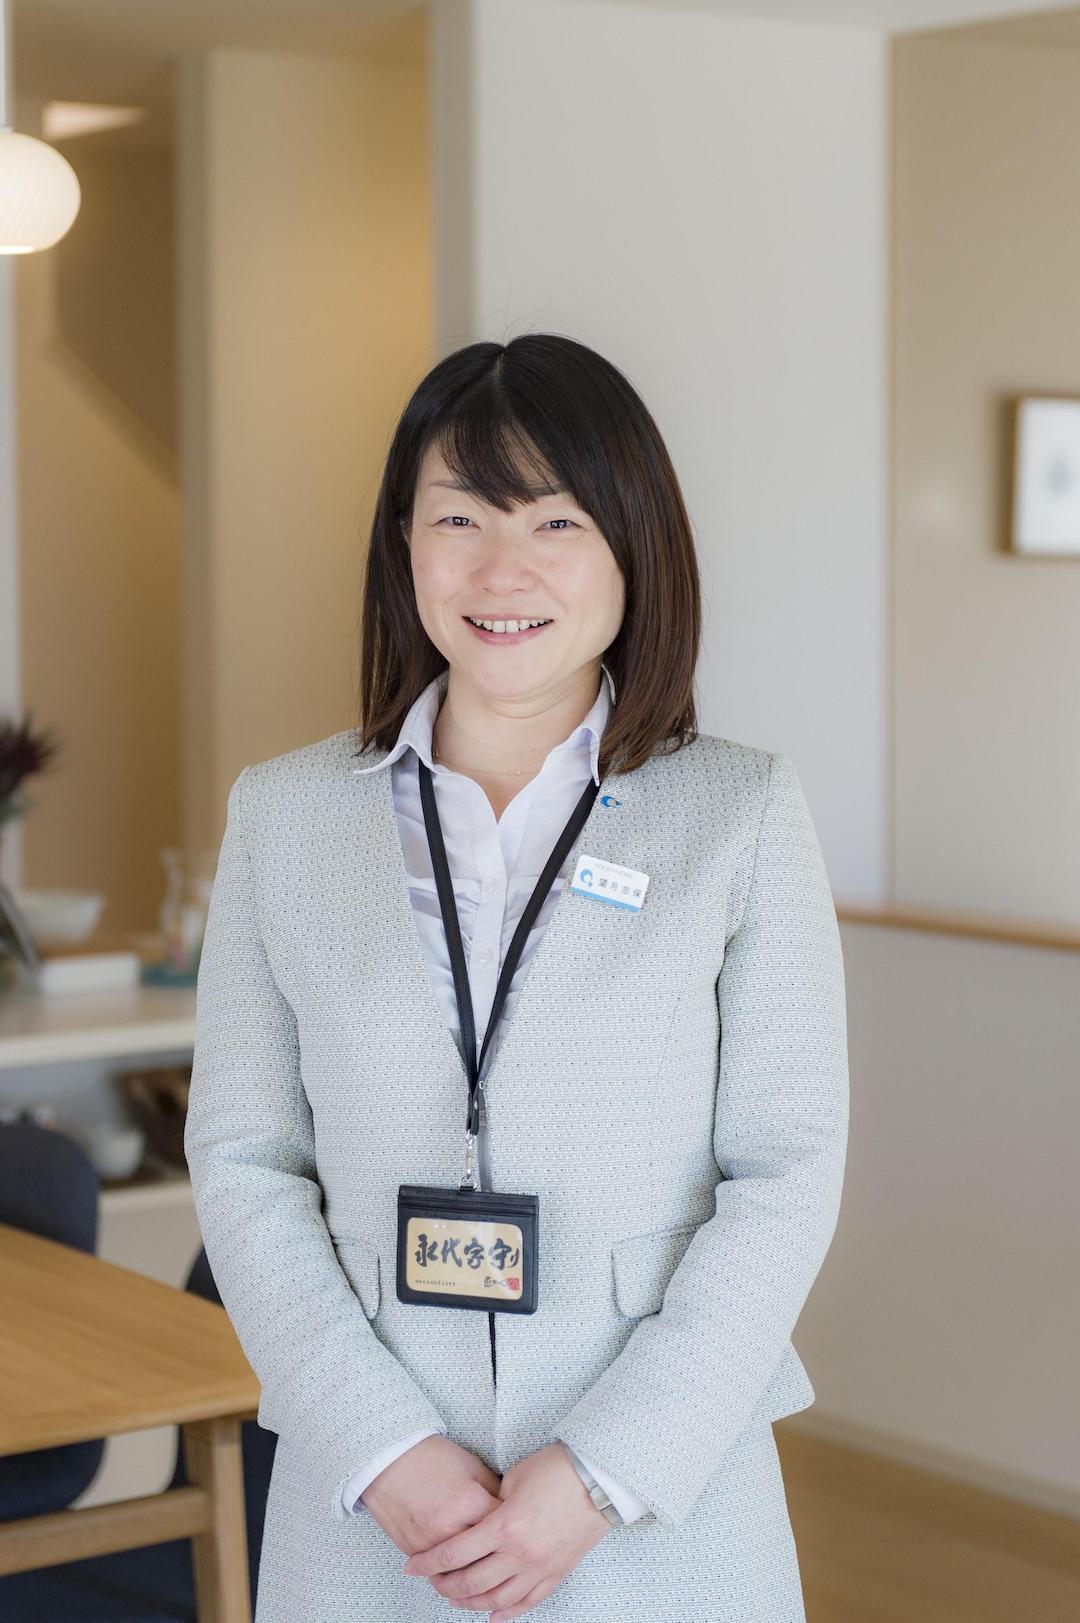 アキュラホームの社員紹介 浜松展示場〜望月 志保〜